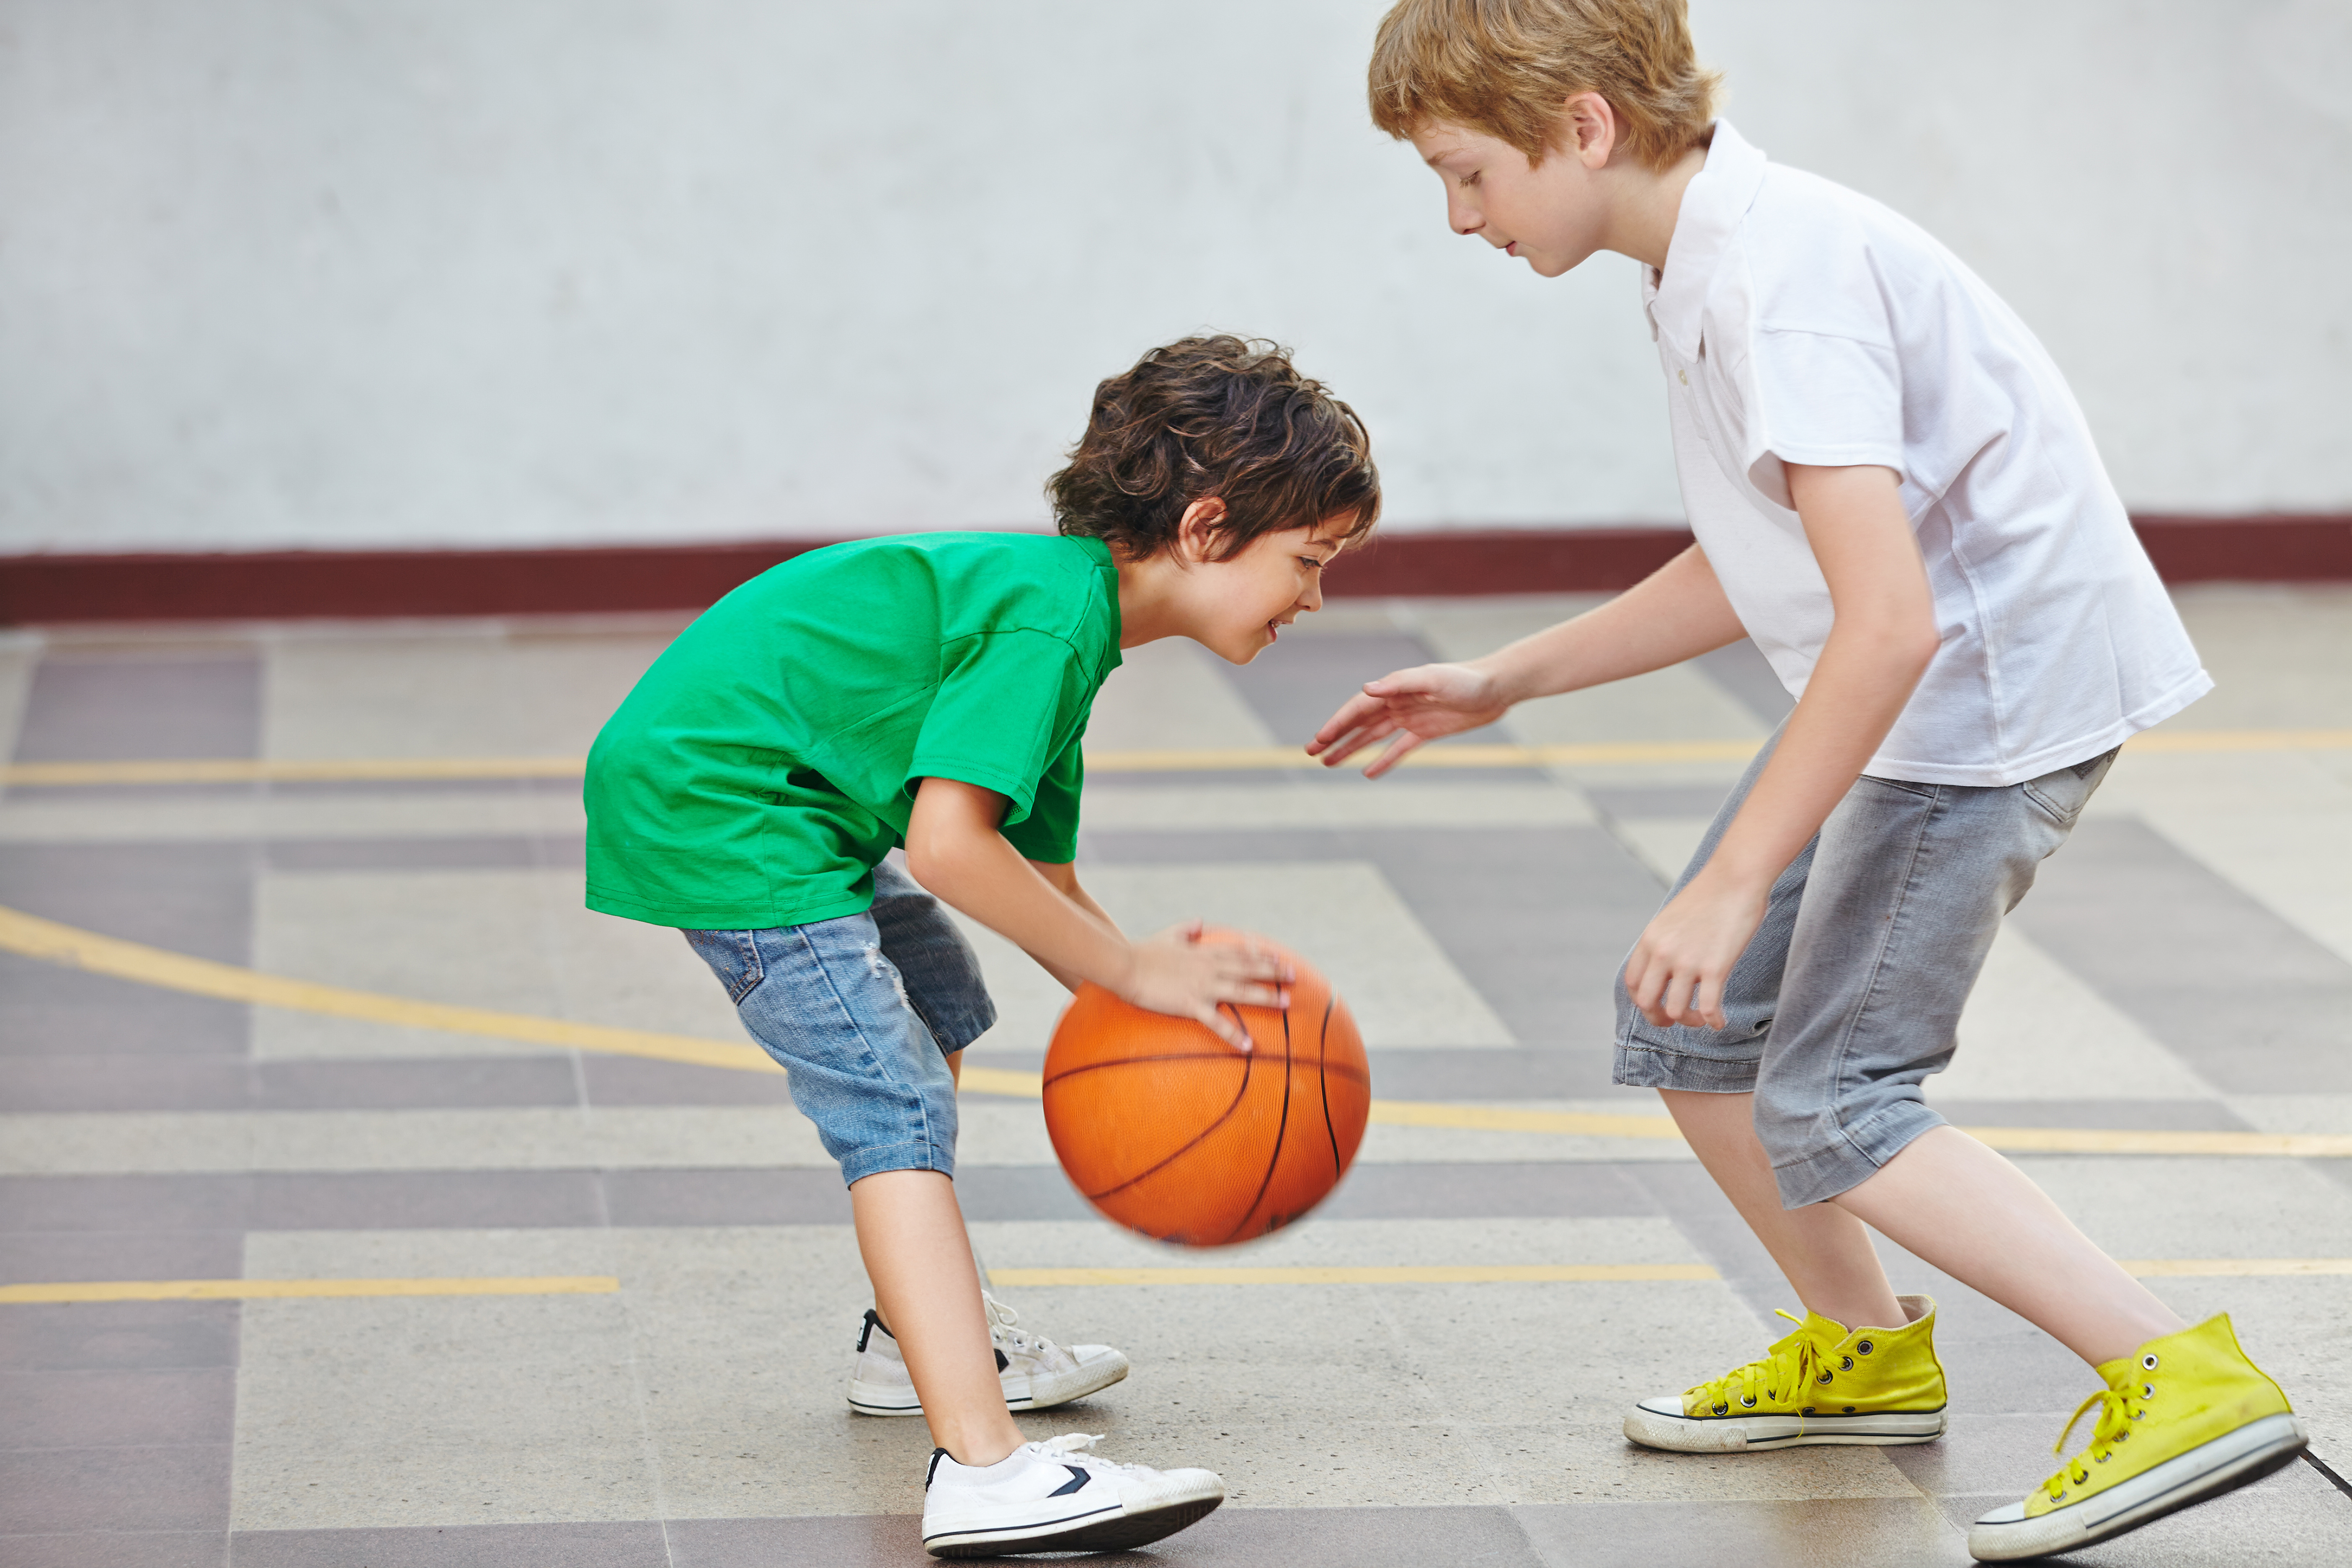 Den aktuella studien visar hur fysisk aktivitet både via skolidrotten och på fritiden ger en god hälsa långt upp i åldrarna.